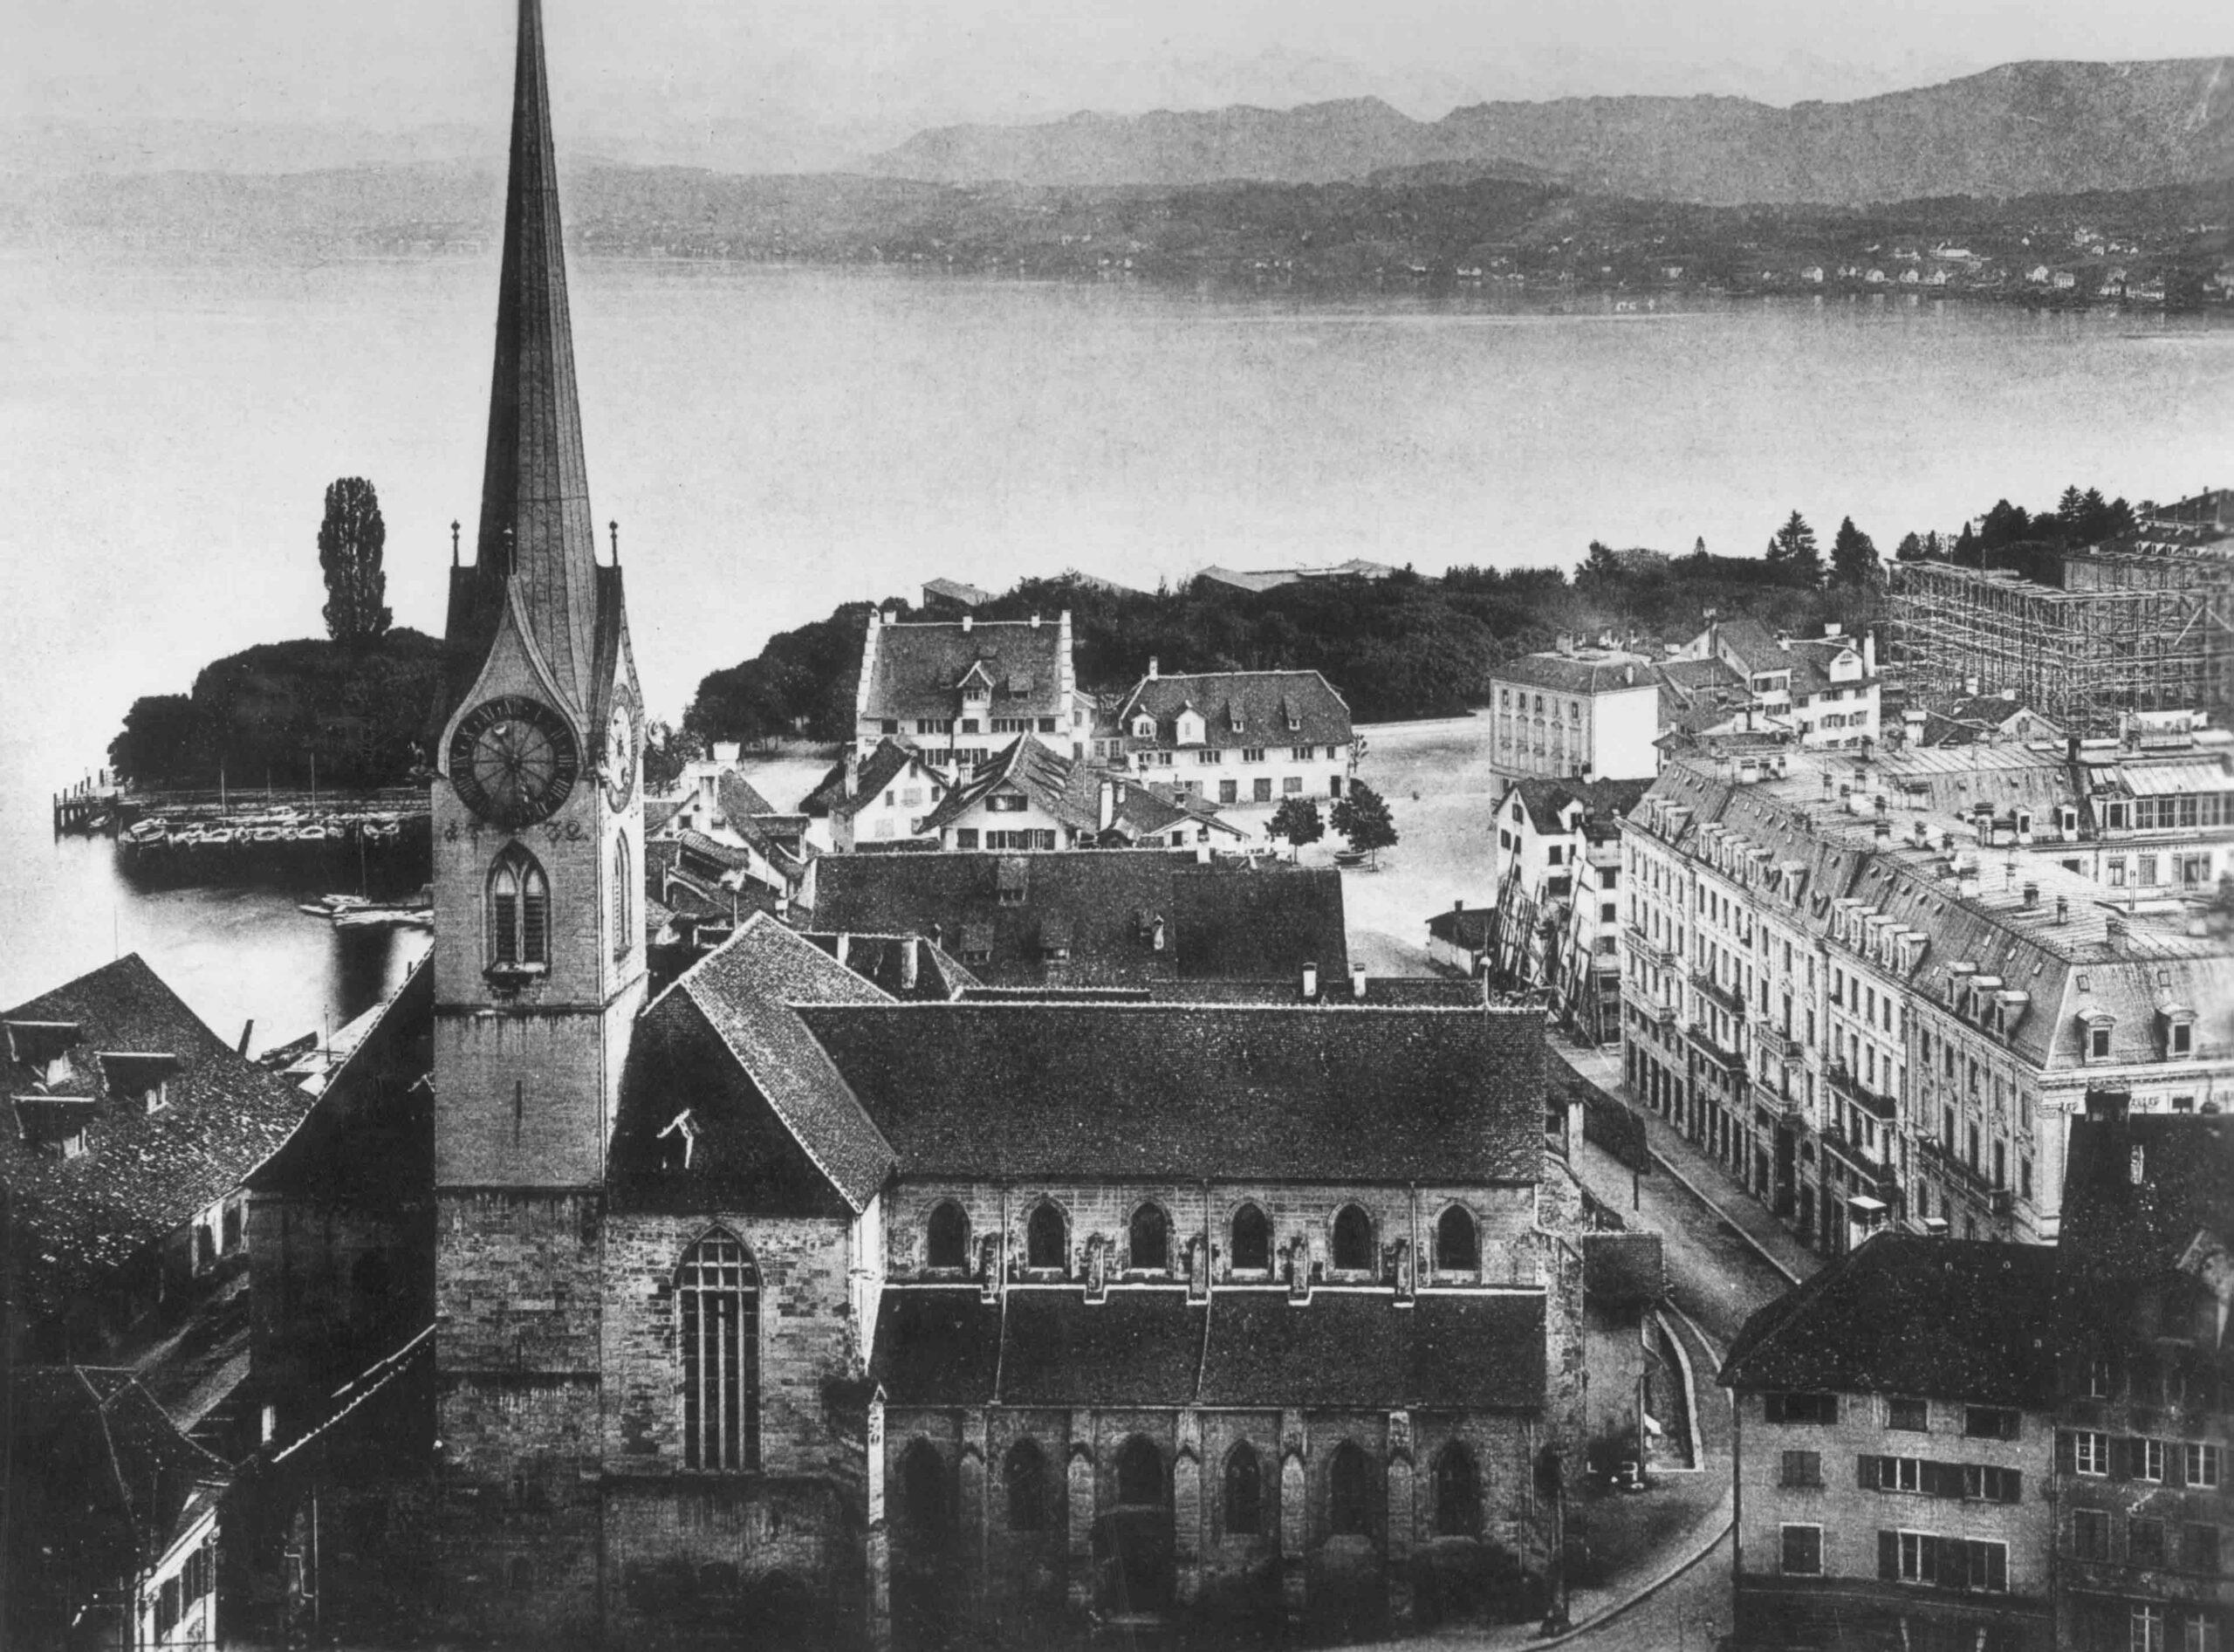 Kirche St. Peter Richtung Süden, 1878